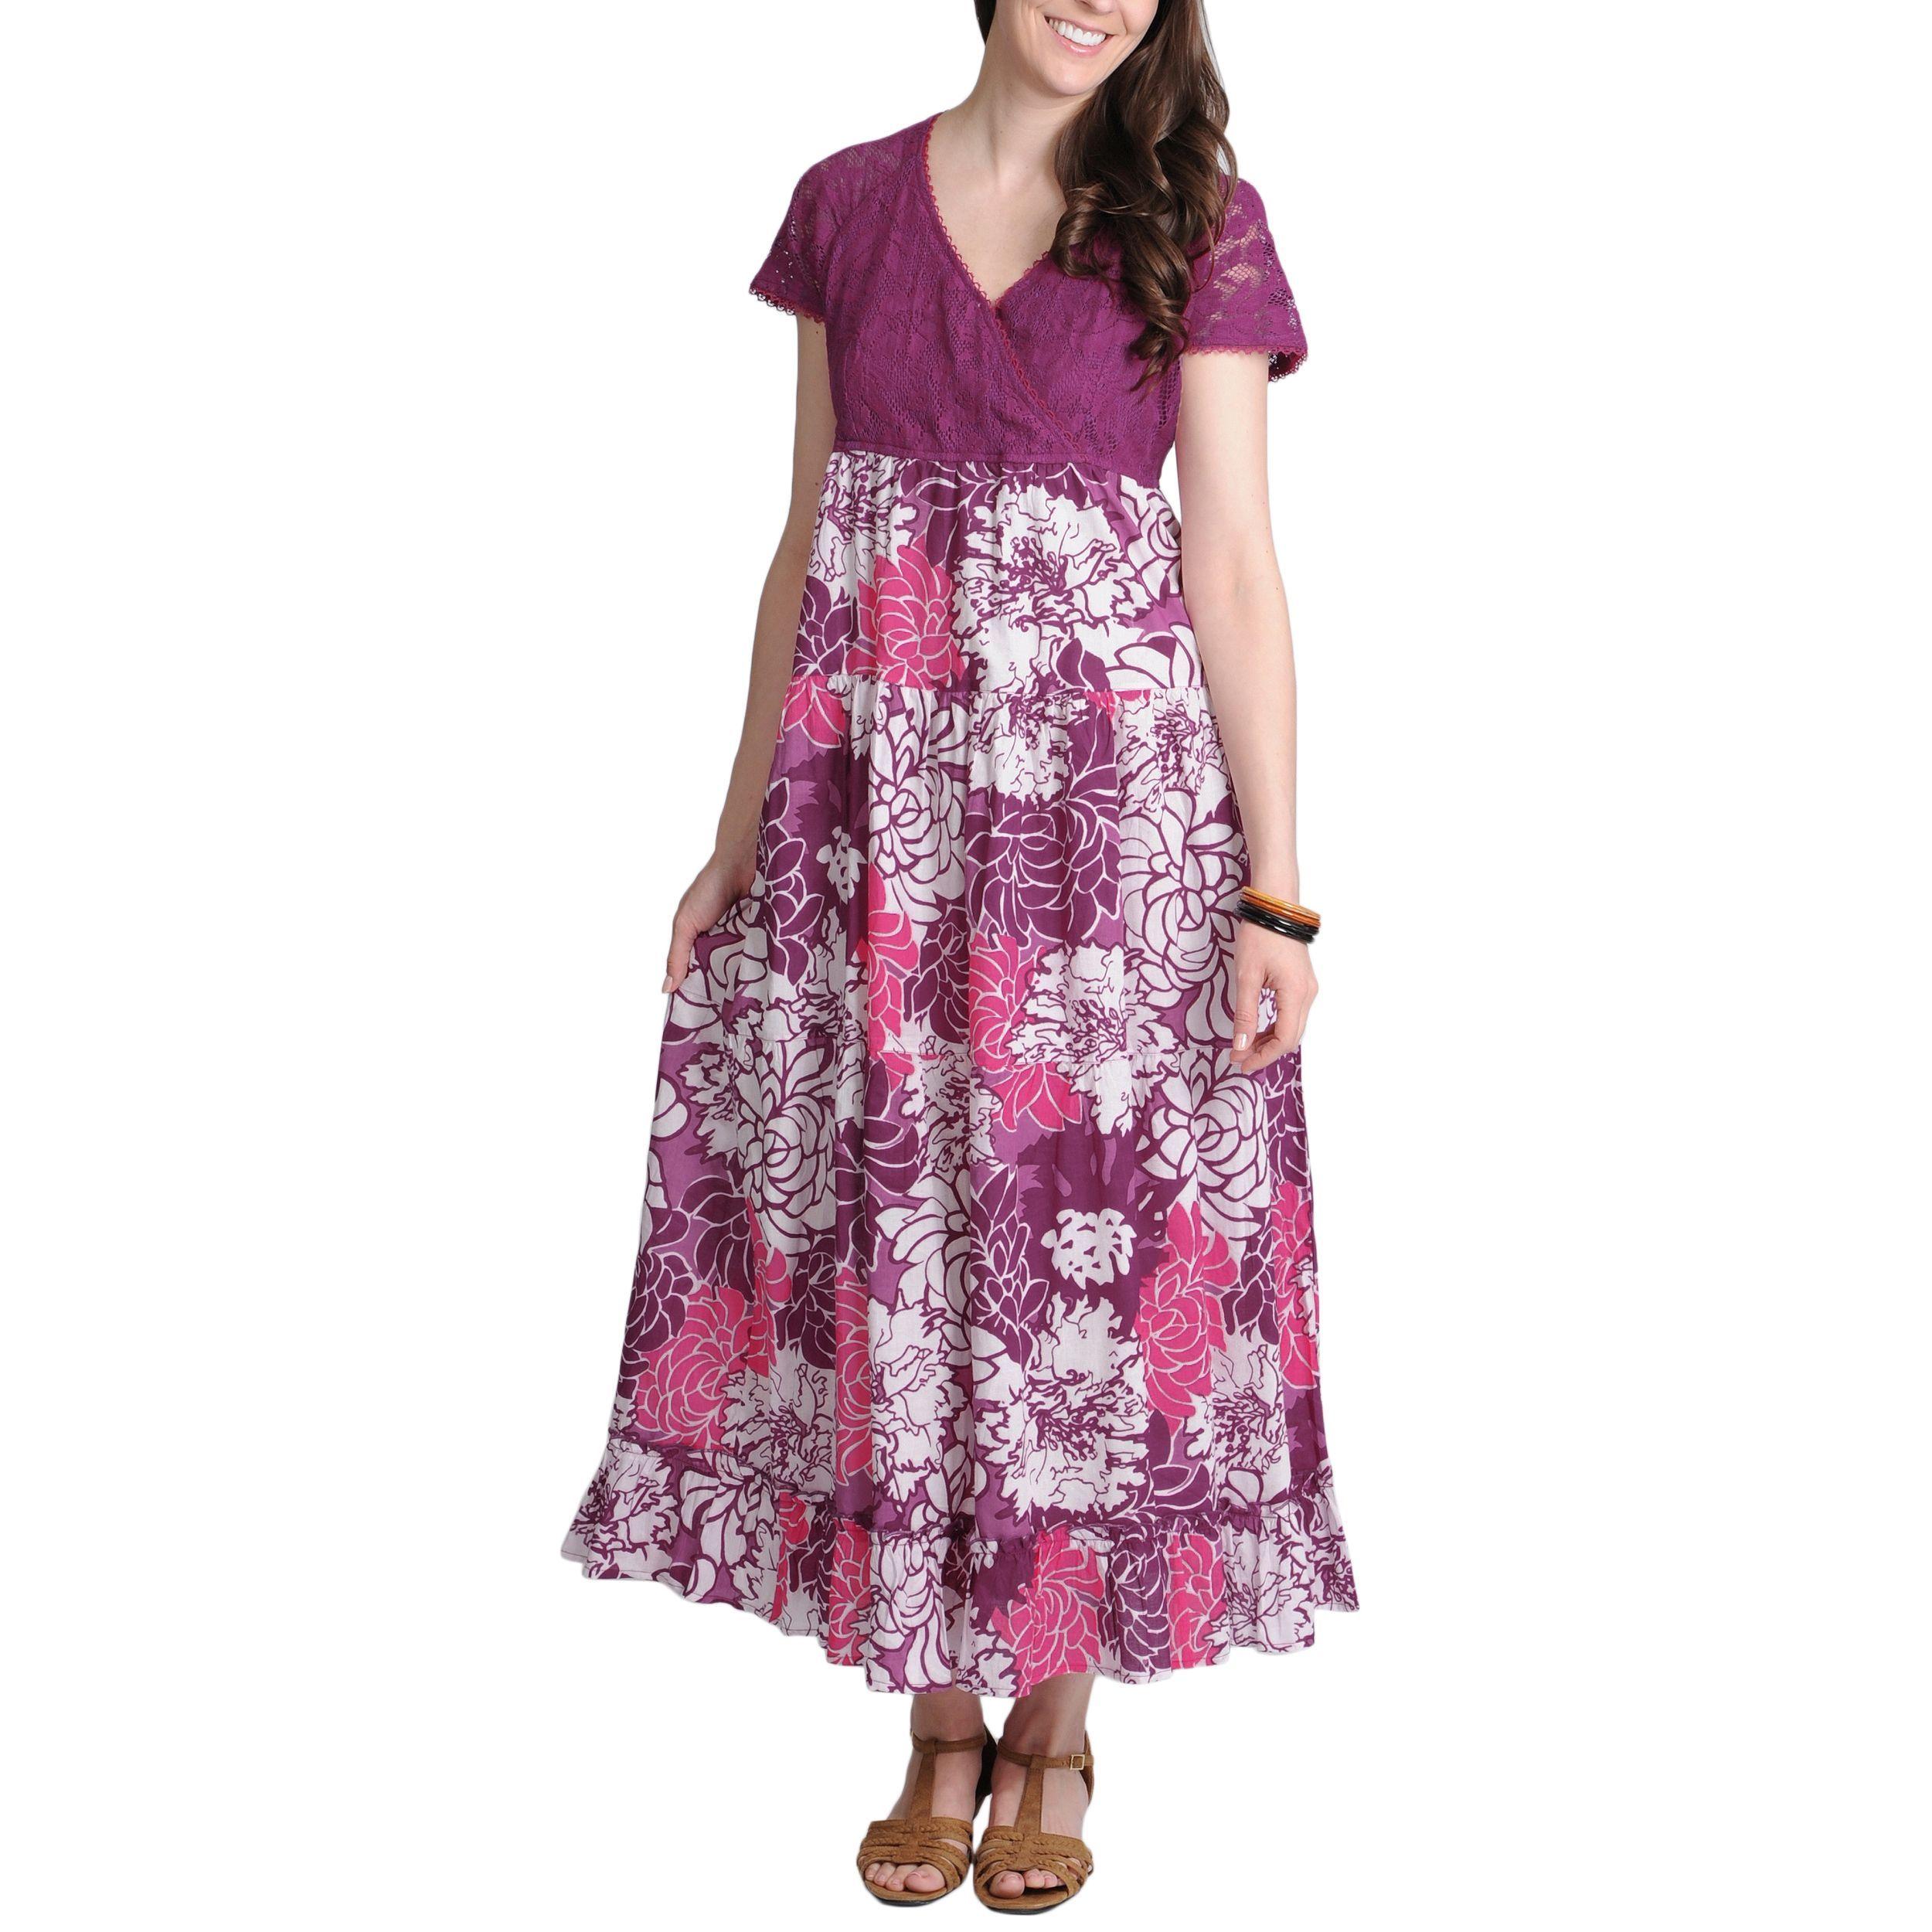 La cera womenus purple lace and floral twotone vneck maxi dress by